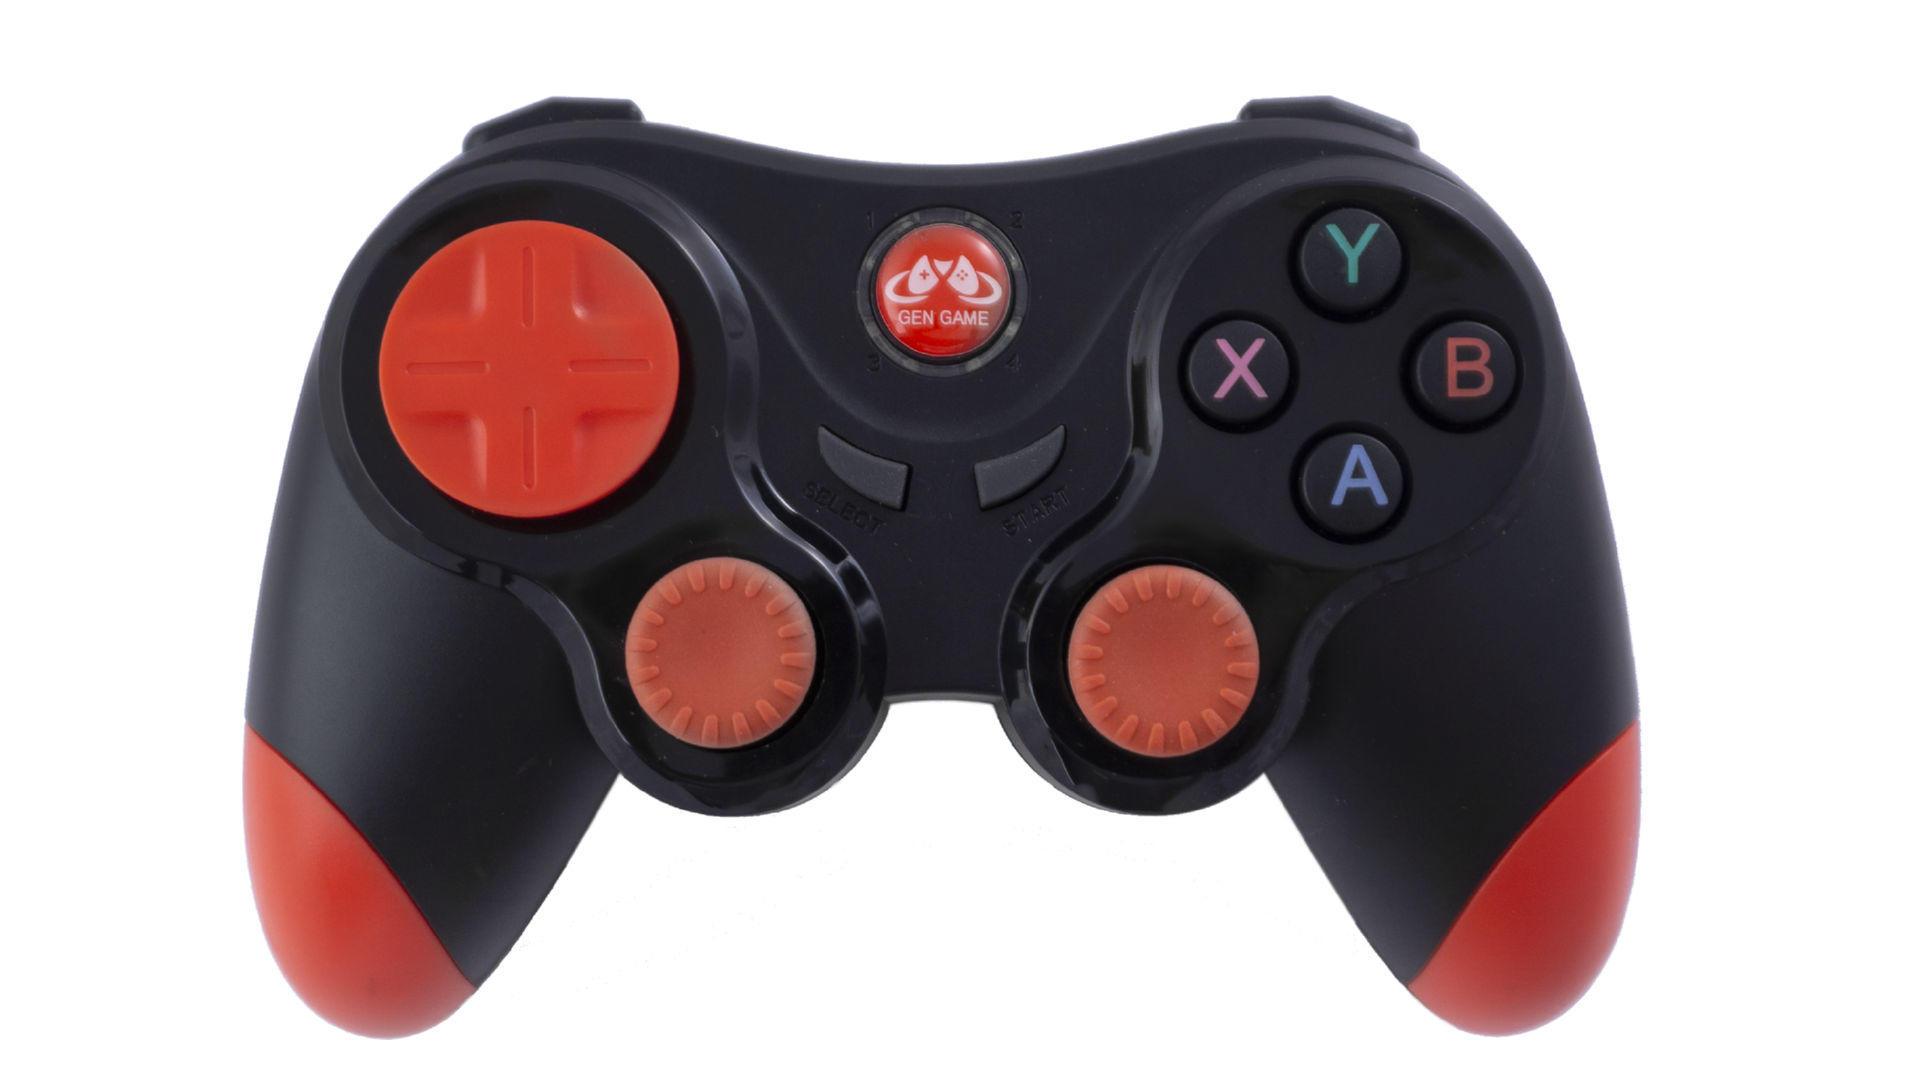 Геймпад Bluetooth Gen Game PRC - S5 7